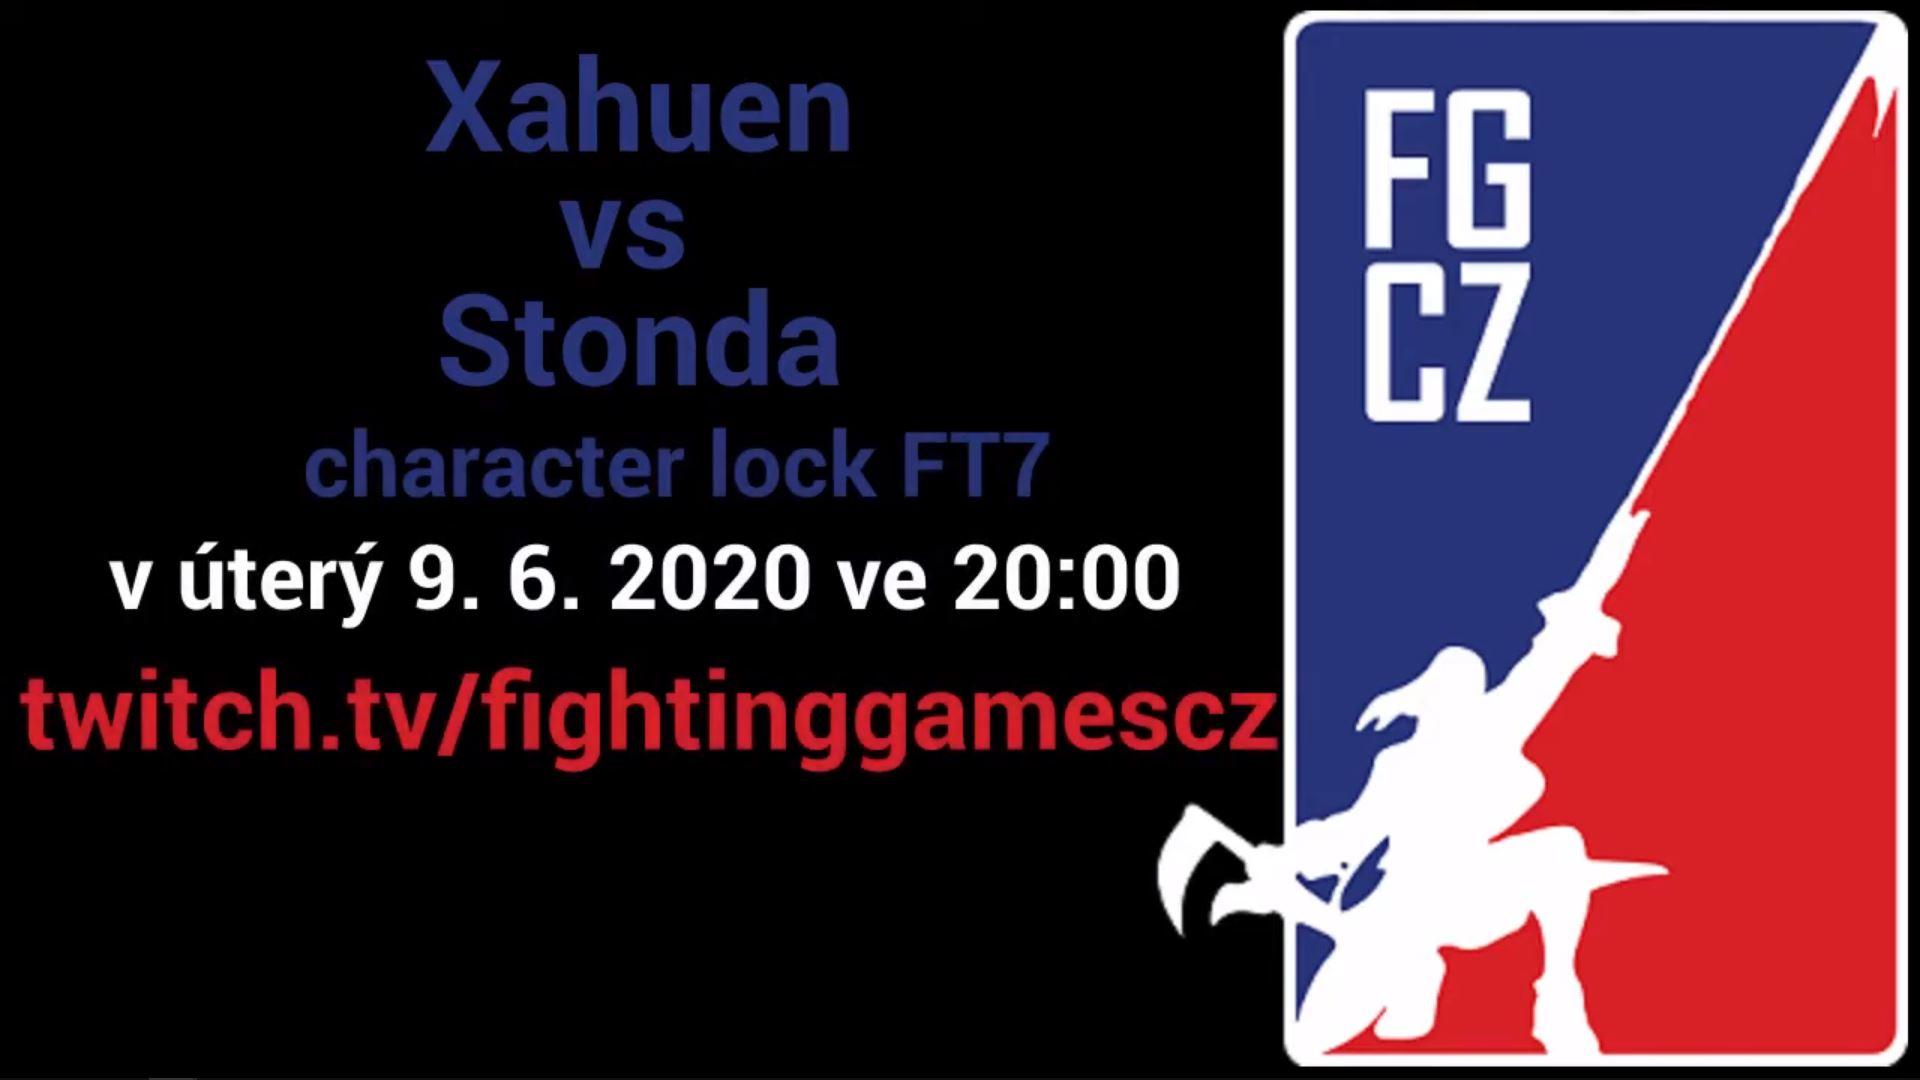 FGCZ Challenge #3: Stonda vs Xahuen